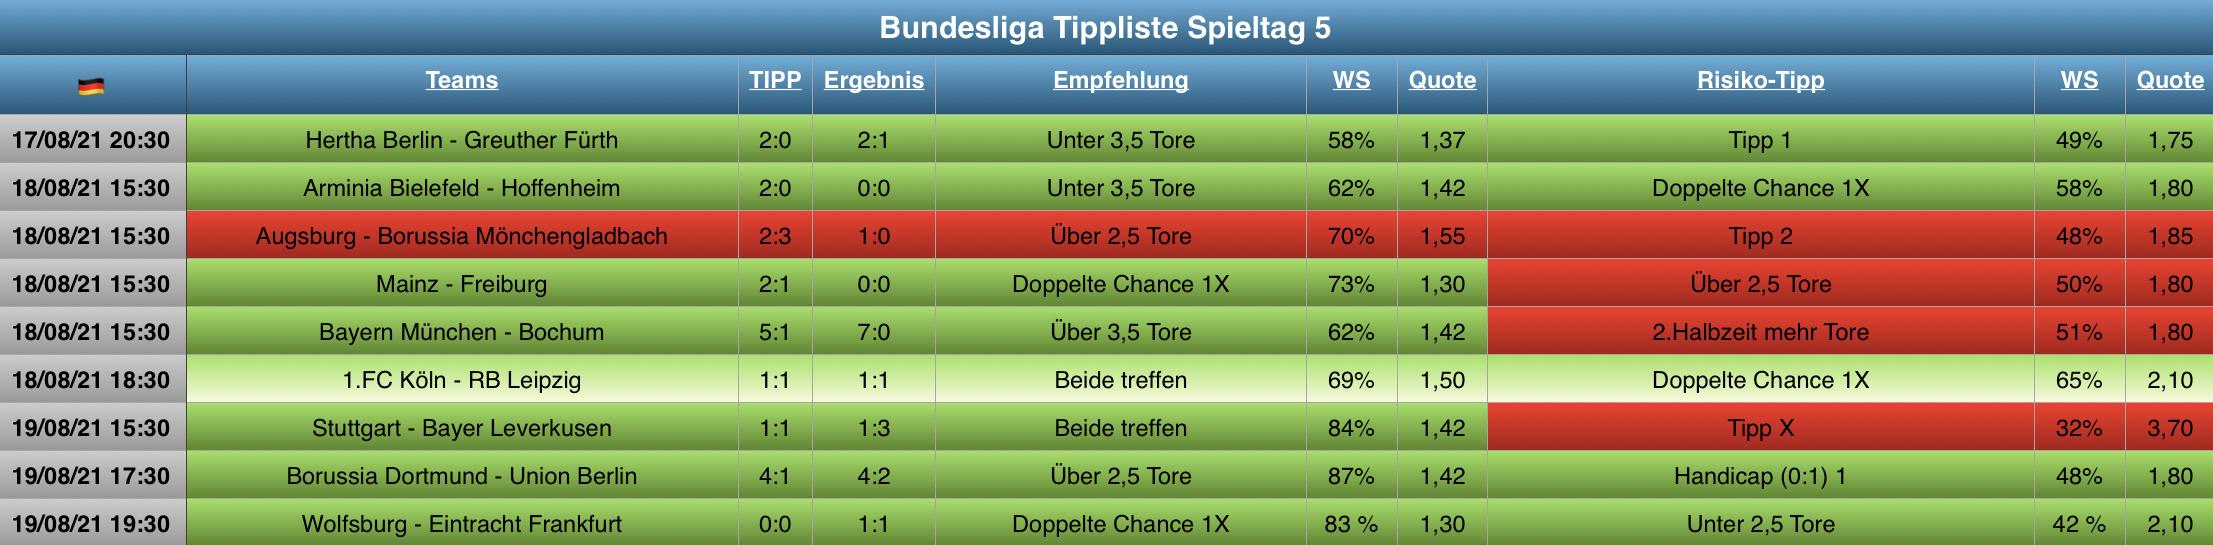 Auswertung Bundesliga Tippliste Spieltag 5